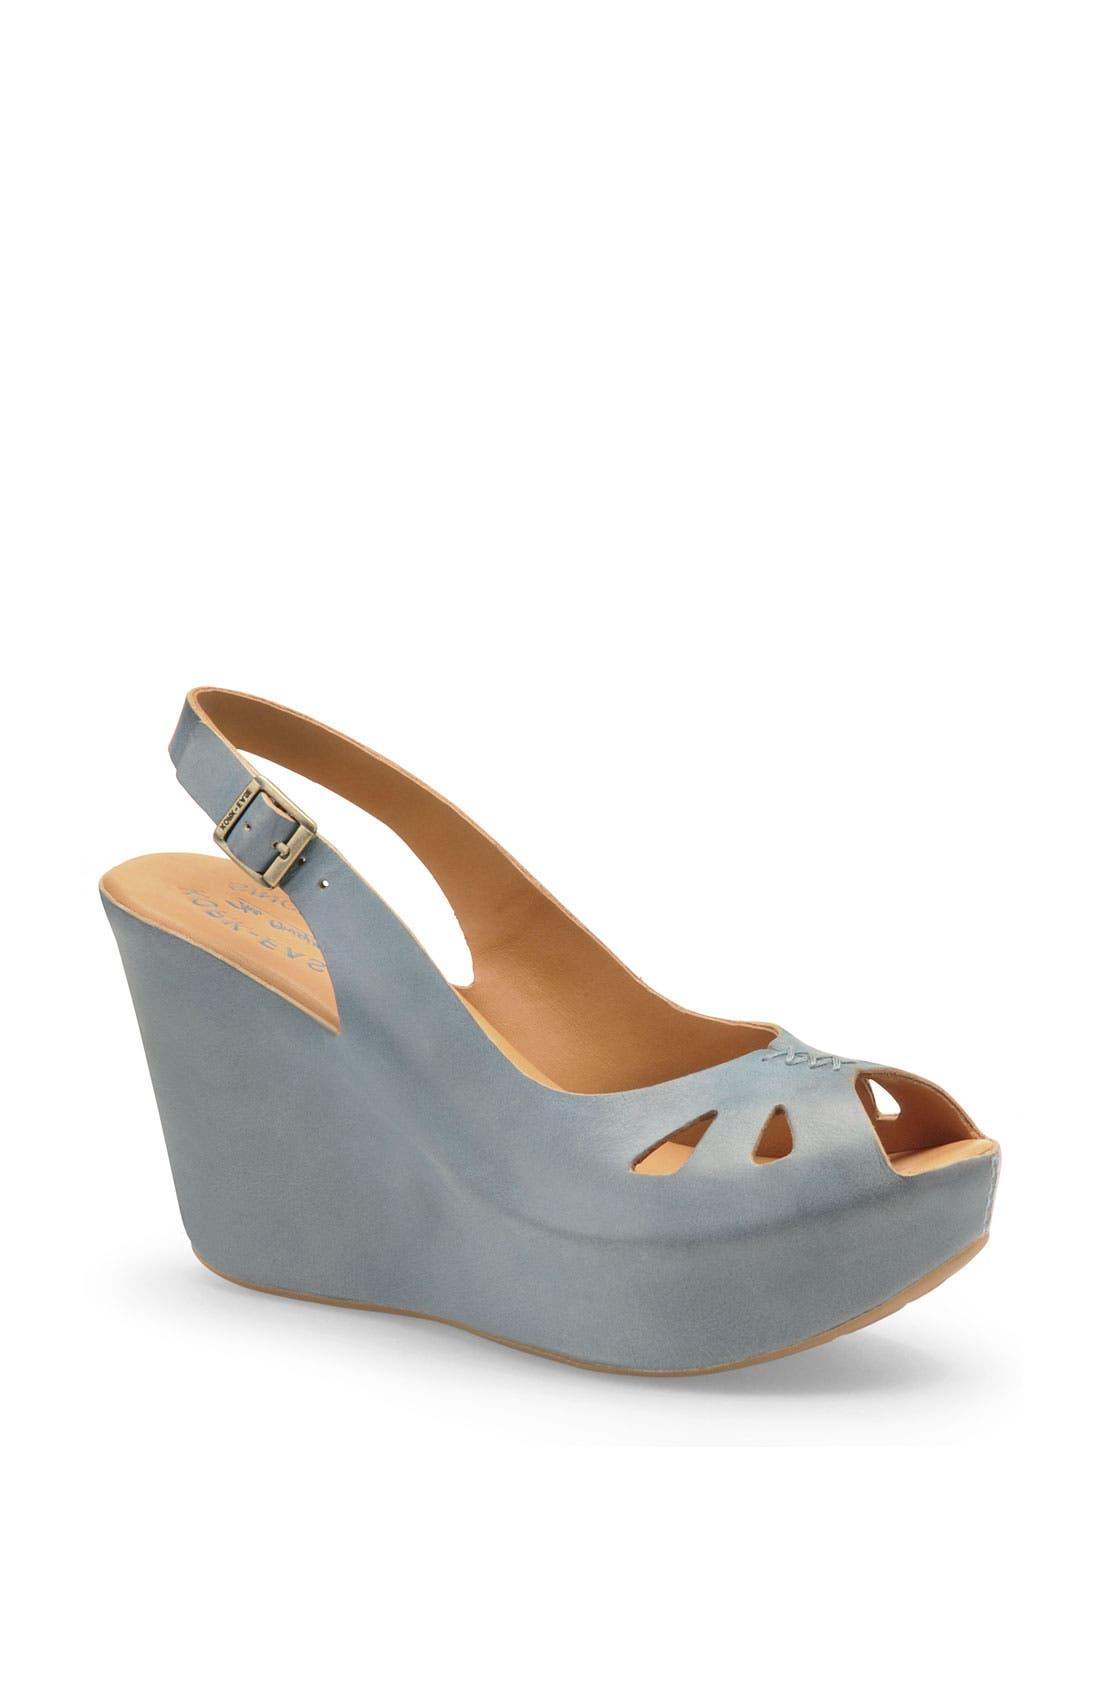 Alternate Image 1 Selected - Kork-Ease® 'Felicia' Platform Sandal (Women)